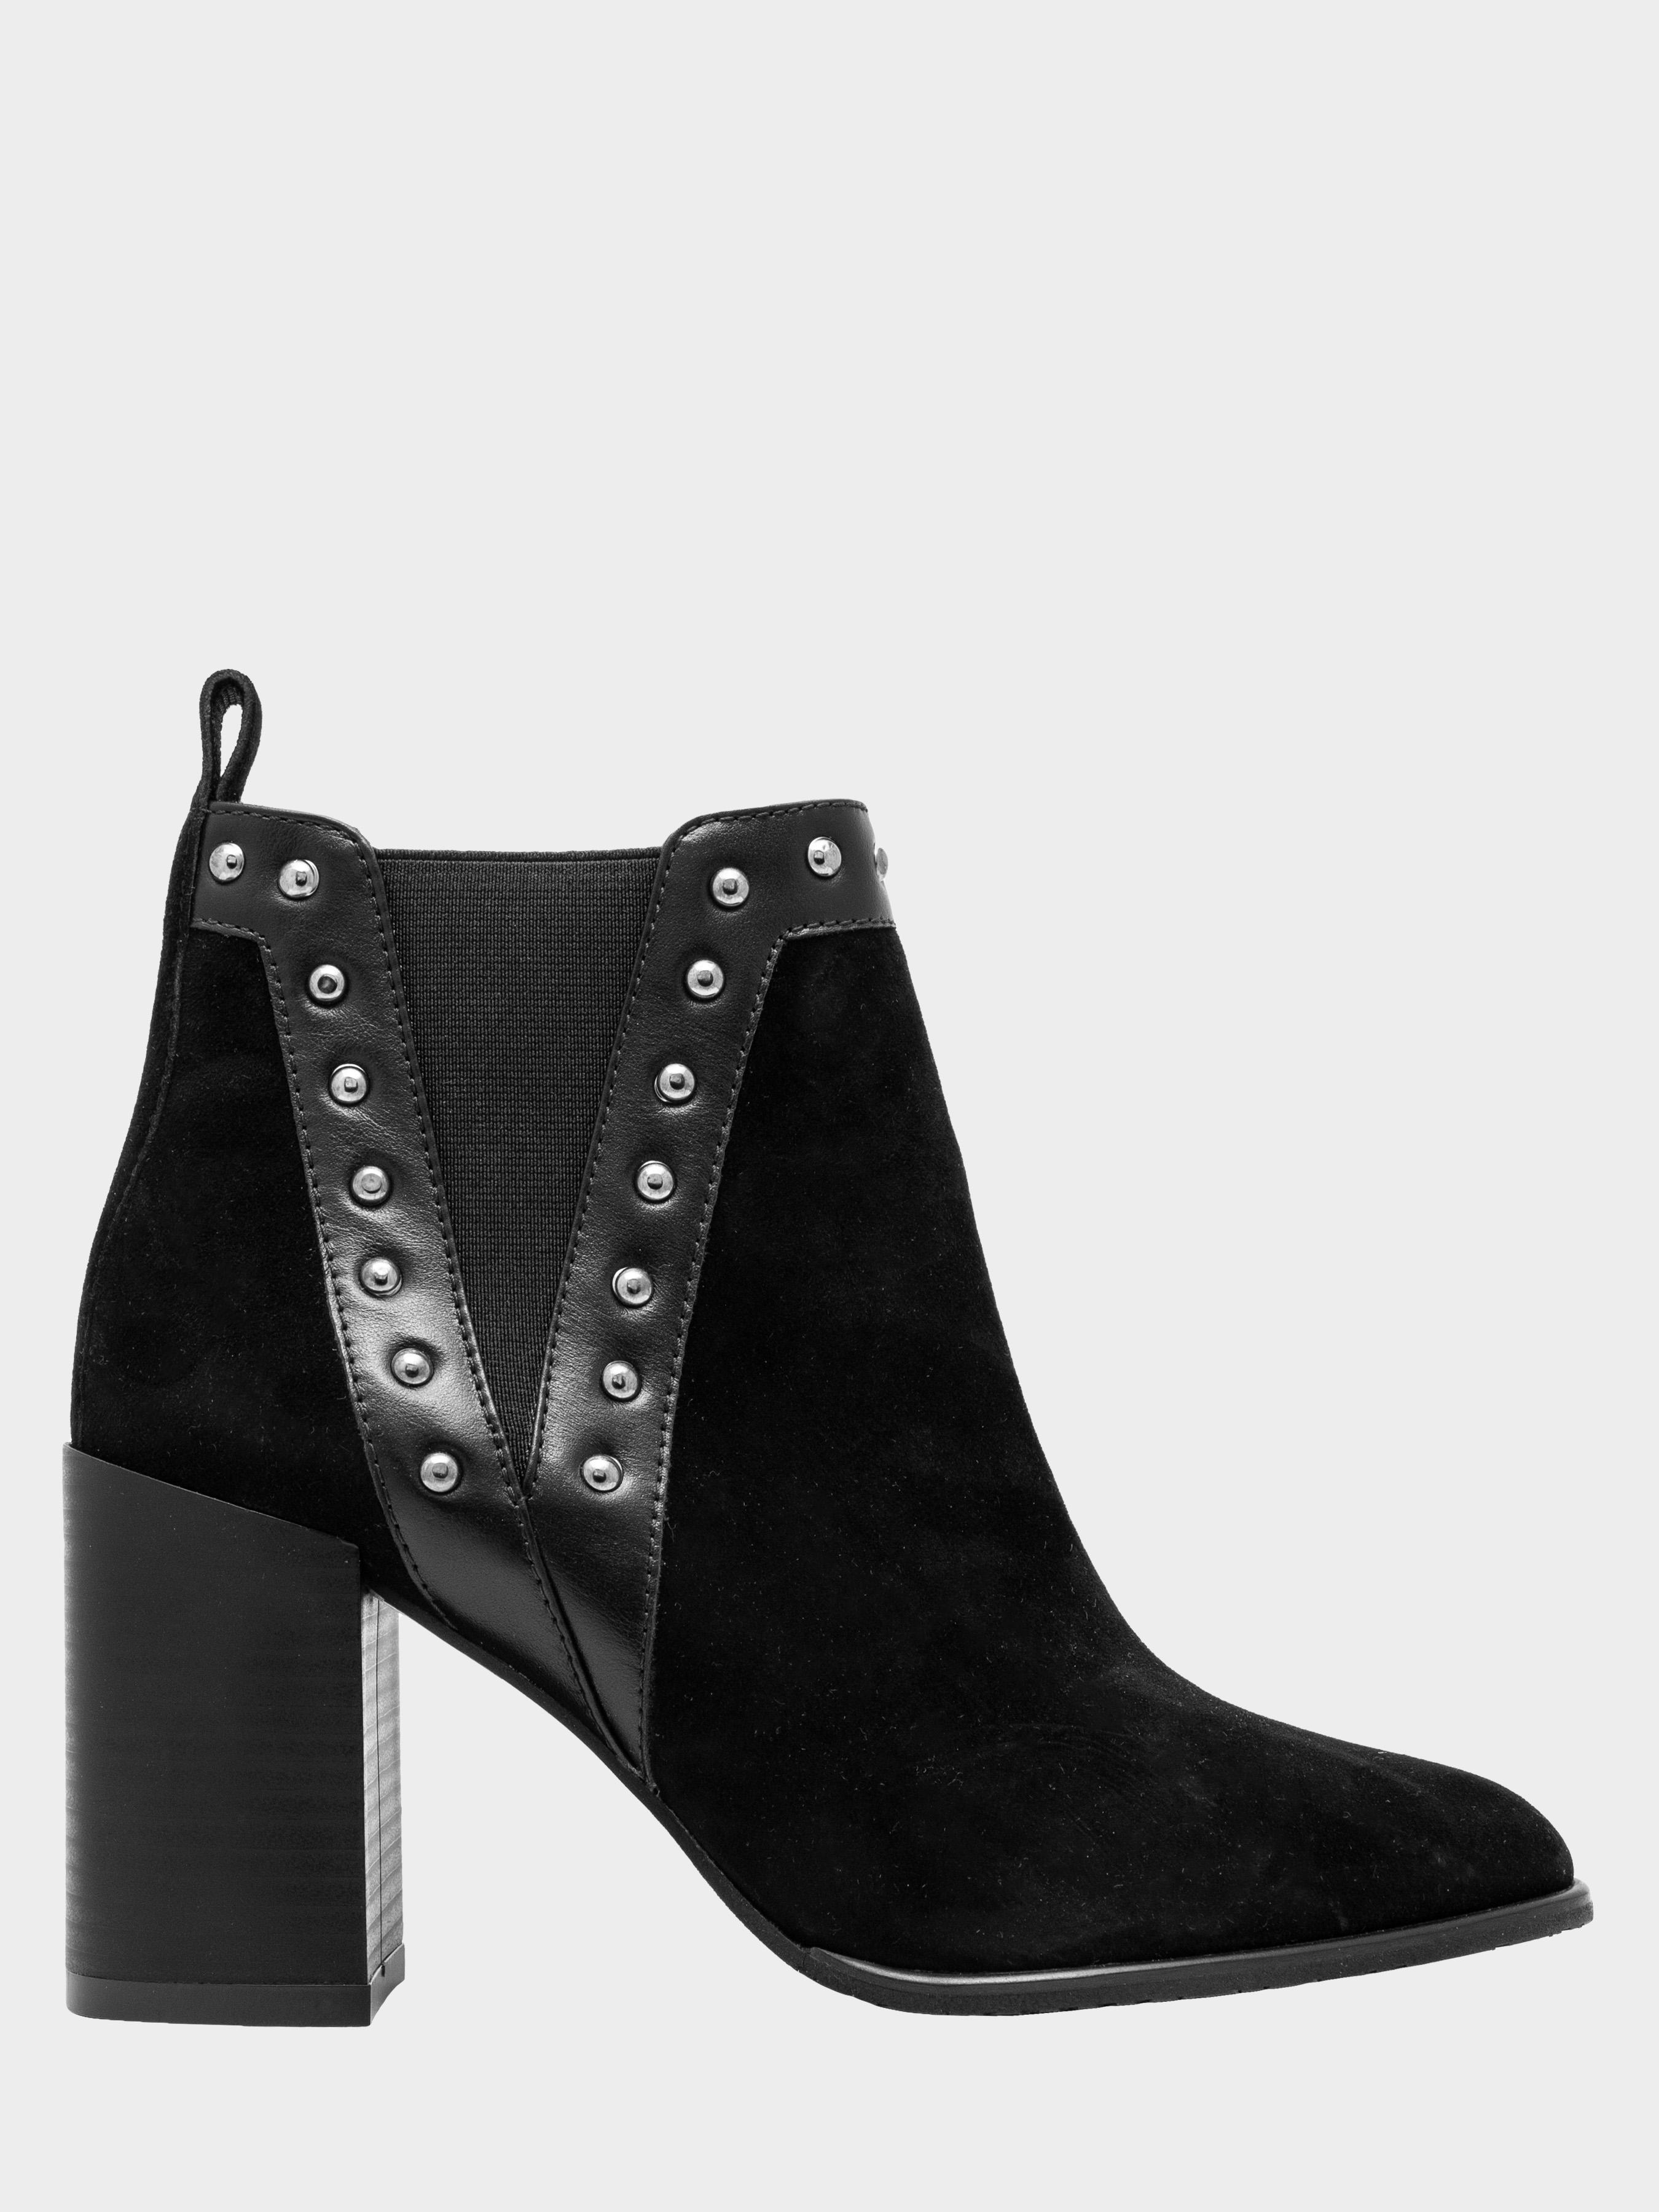 Ботинки для женщин Ботинки женские ENZO VERRATTI 18-9588-2w размерная сетка обуви, 2017